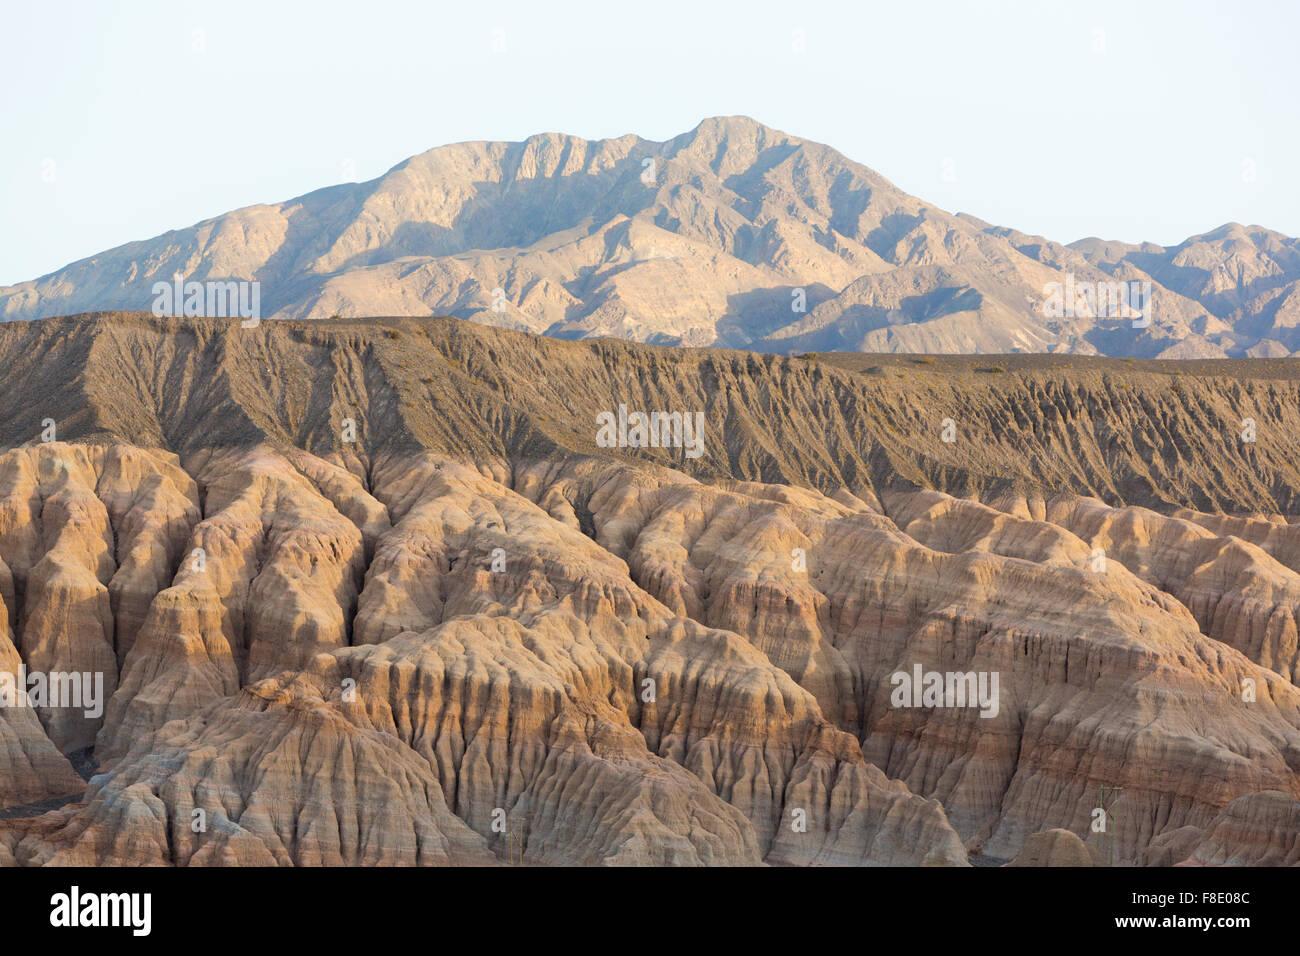 Farbigen Sonnenuntergang in Rodeo und geologischen Felsformation, Argentinien Stockbild